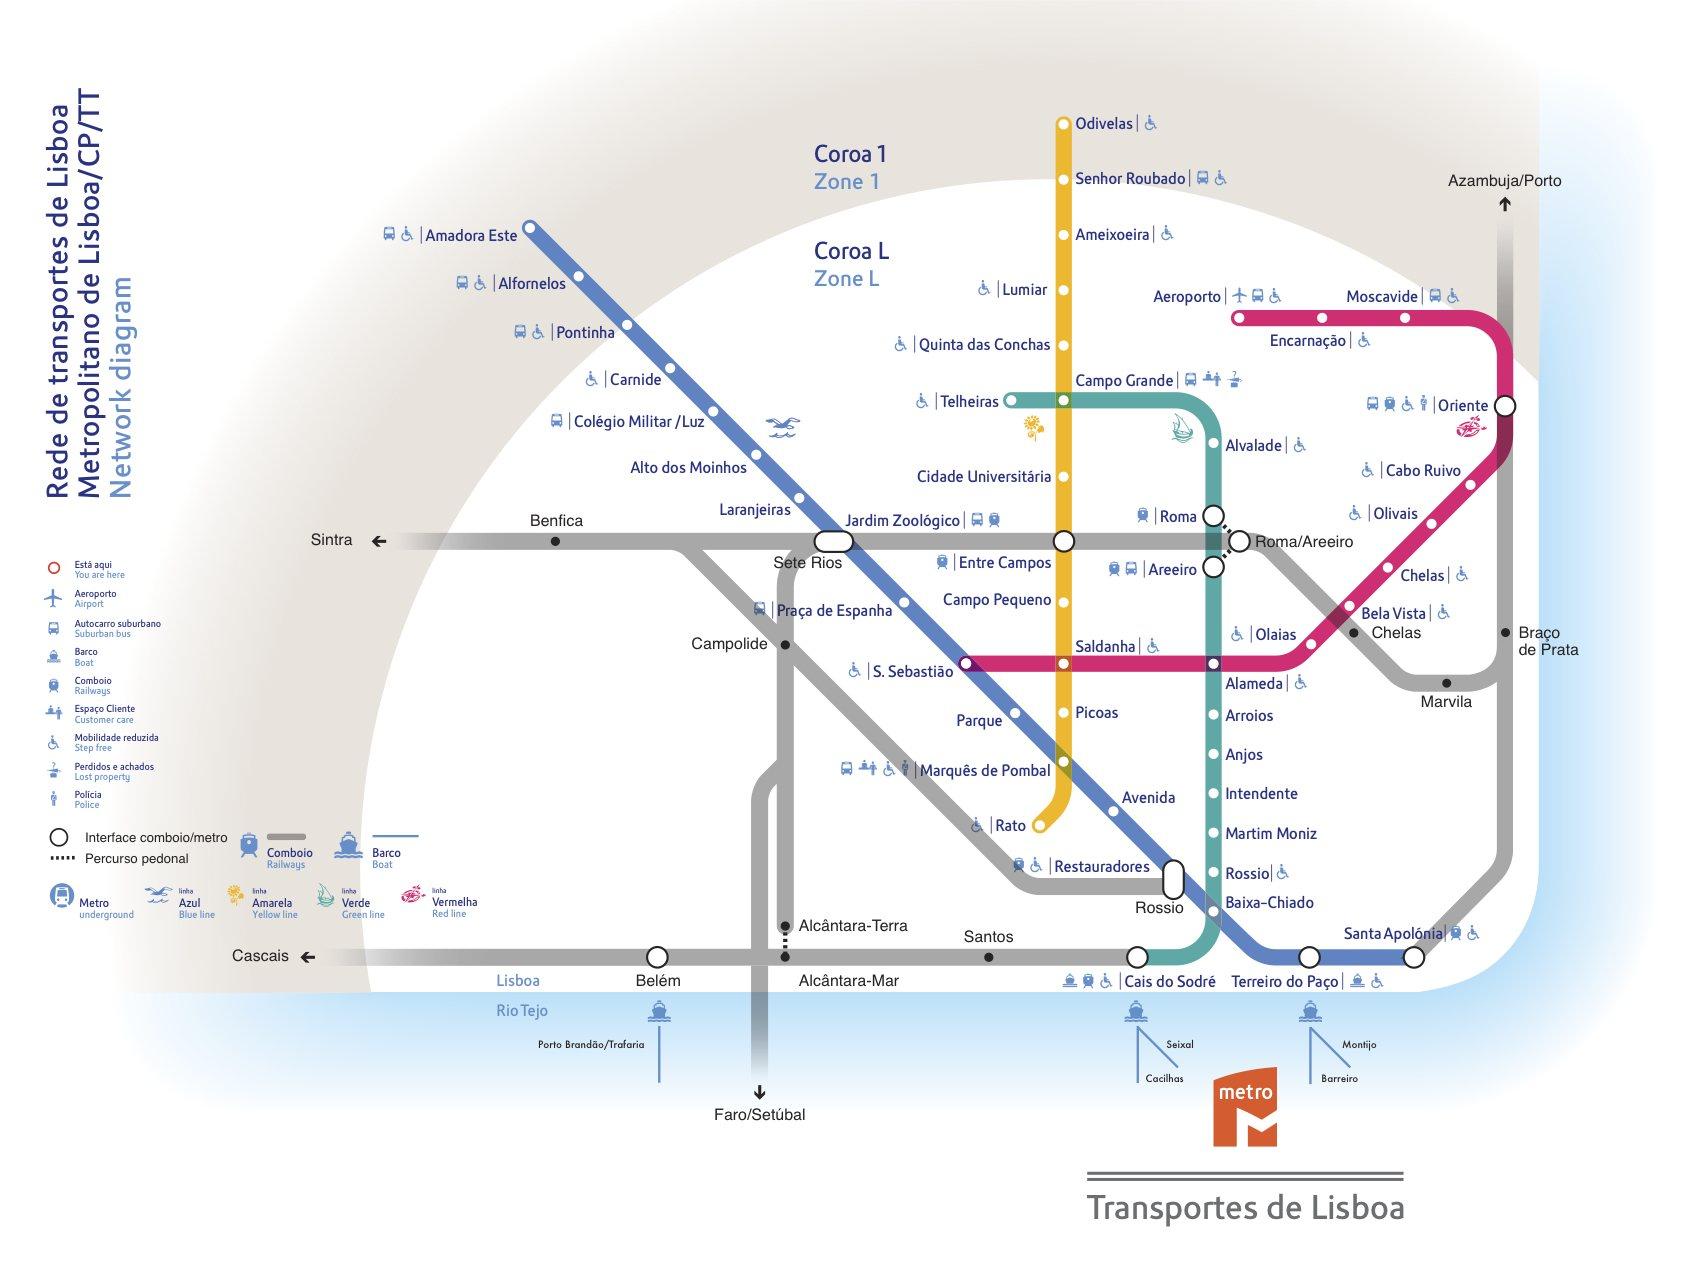 mapa comboio lisboa Transportes de Lisboa mapa comboio lisboa